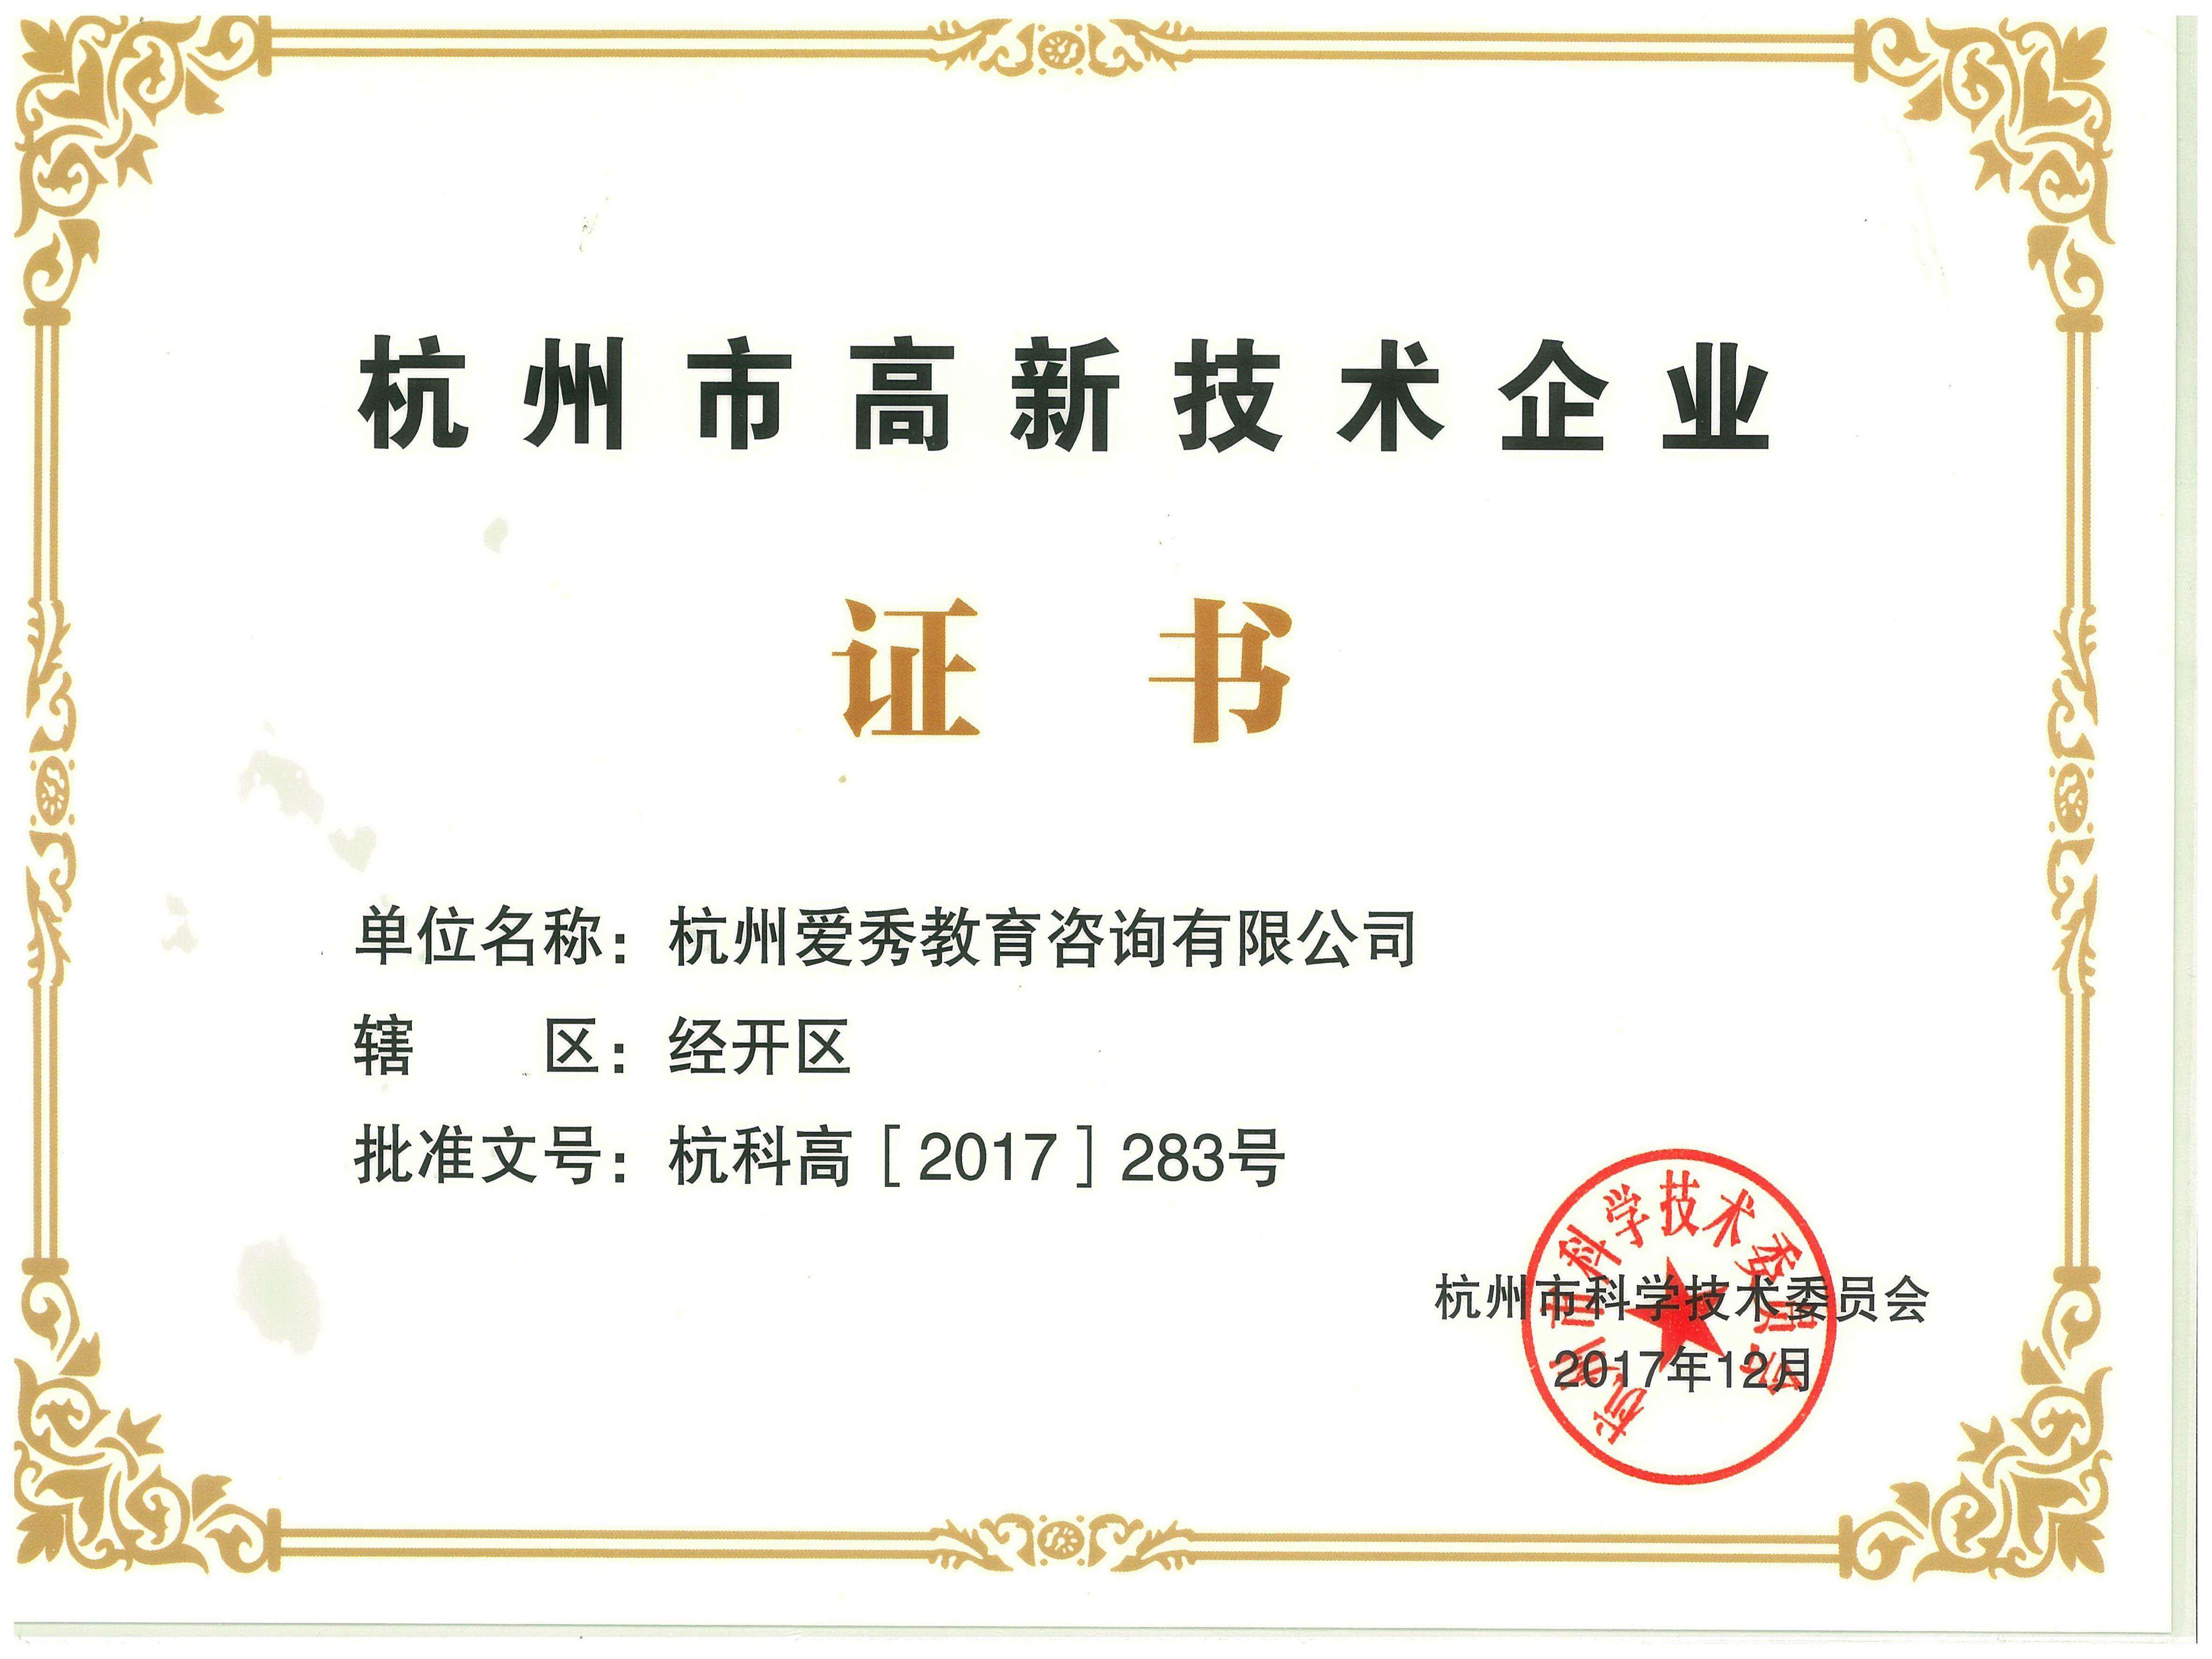 浙江省-杭州市高新技术企业